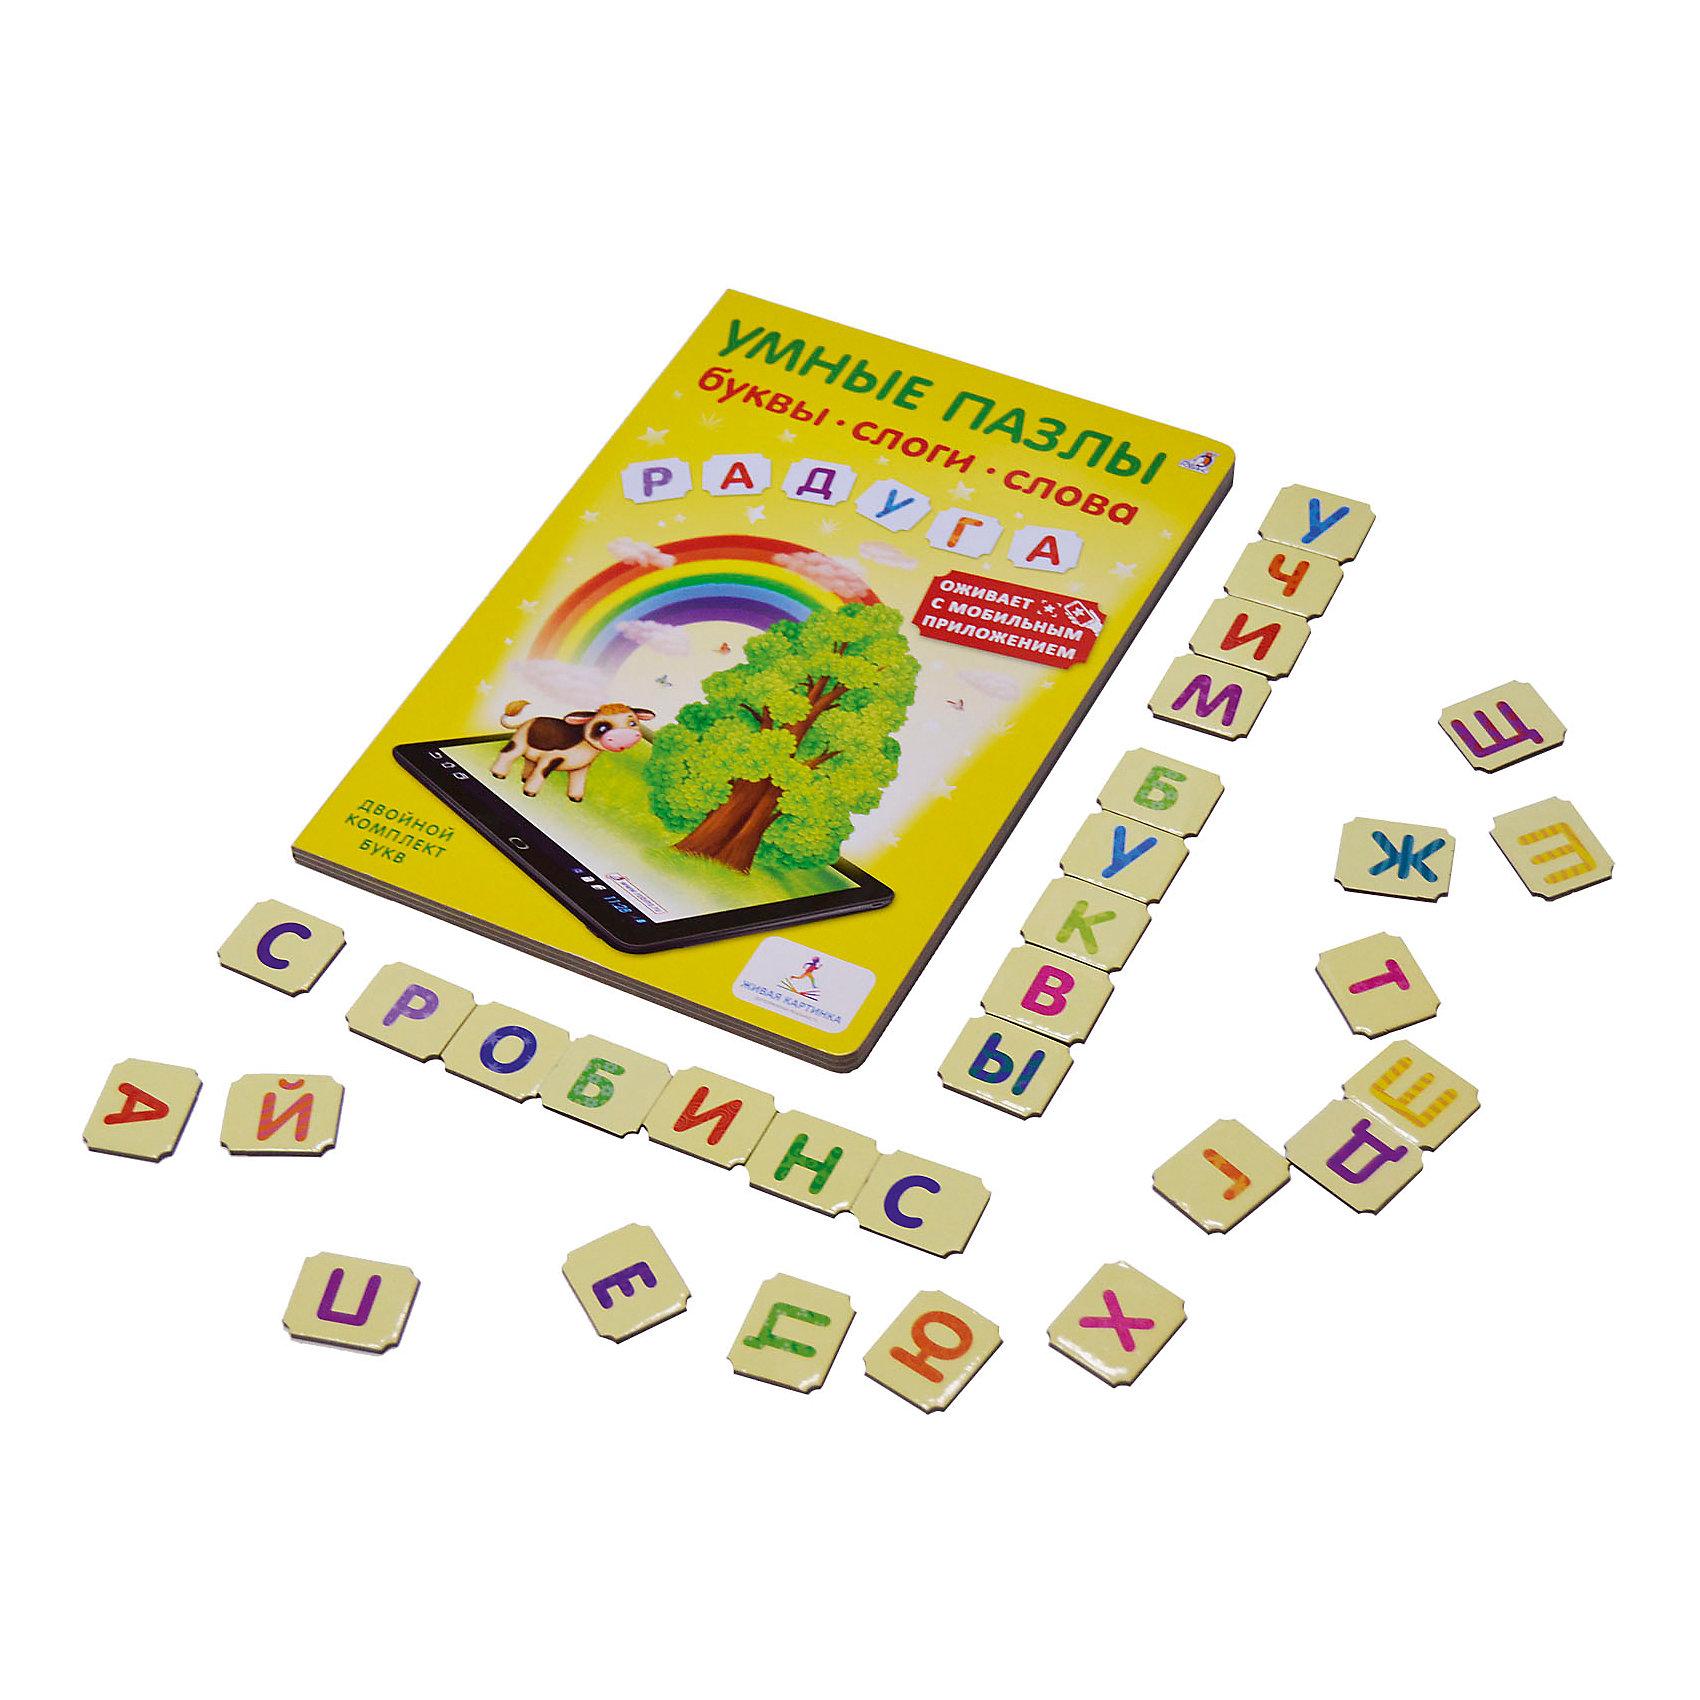 Умные пазлы: Буквы, слоги, слова с дополненной реальностью3D книги<br>Книгу Умные пазлы. Буквы, слоги, слова с дополненной реальностью.<br><br>Характеристика:<br><br>• Формат: 31х21 см. <br>• Переплет: твердый. <br>• Два комплекта букв. <br>• Иллюстрации: цветные.<br>• Используйте приложение «Живая картинка», с помощью которого мобильное устройство или планшет смогут распознать букву, воспроизвести звук, прочесть слово, а картинка превратится в 3D-изображение.<br>• Плотные картонные страницы. <br>• Развивает моторику рук, цветовосприятие, фантазию. <br><br>Яркая книга с пазлами поможет детям выучить русский алфавит и слова, развить моторику рук, мышление и воображение. На первом этапе занятий малыши будут запоминать буквы, далее - пытаться сложить из них слоги, а уже потом обязательно научатся складывать целые слова! Страницы книги выполнены в виде пазла, с вынимающимися буквами, под которыми находятся картинки для формирования ассоциативного ряда. Используя QR-код можно скачать и запустить мобильное приложение, с которым обучение станет еще интереснее. <br><br>Книга Умные пазлы. Буквы, слоги, слова с дополненной реальностью можно купить в нашем интернет-магазине.<br><br>Ширина мм: 300<br>Глубина мм: 210<br>Высота мм: 100<br>Вес г: 379<br>Возраст от месяцев: 36<br>Возраст до месяцев: 2147483647<br>Пол: Унисекс<br>Возраст: Детский<br>SKU: 5507285